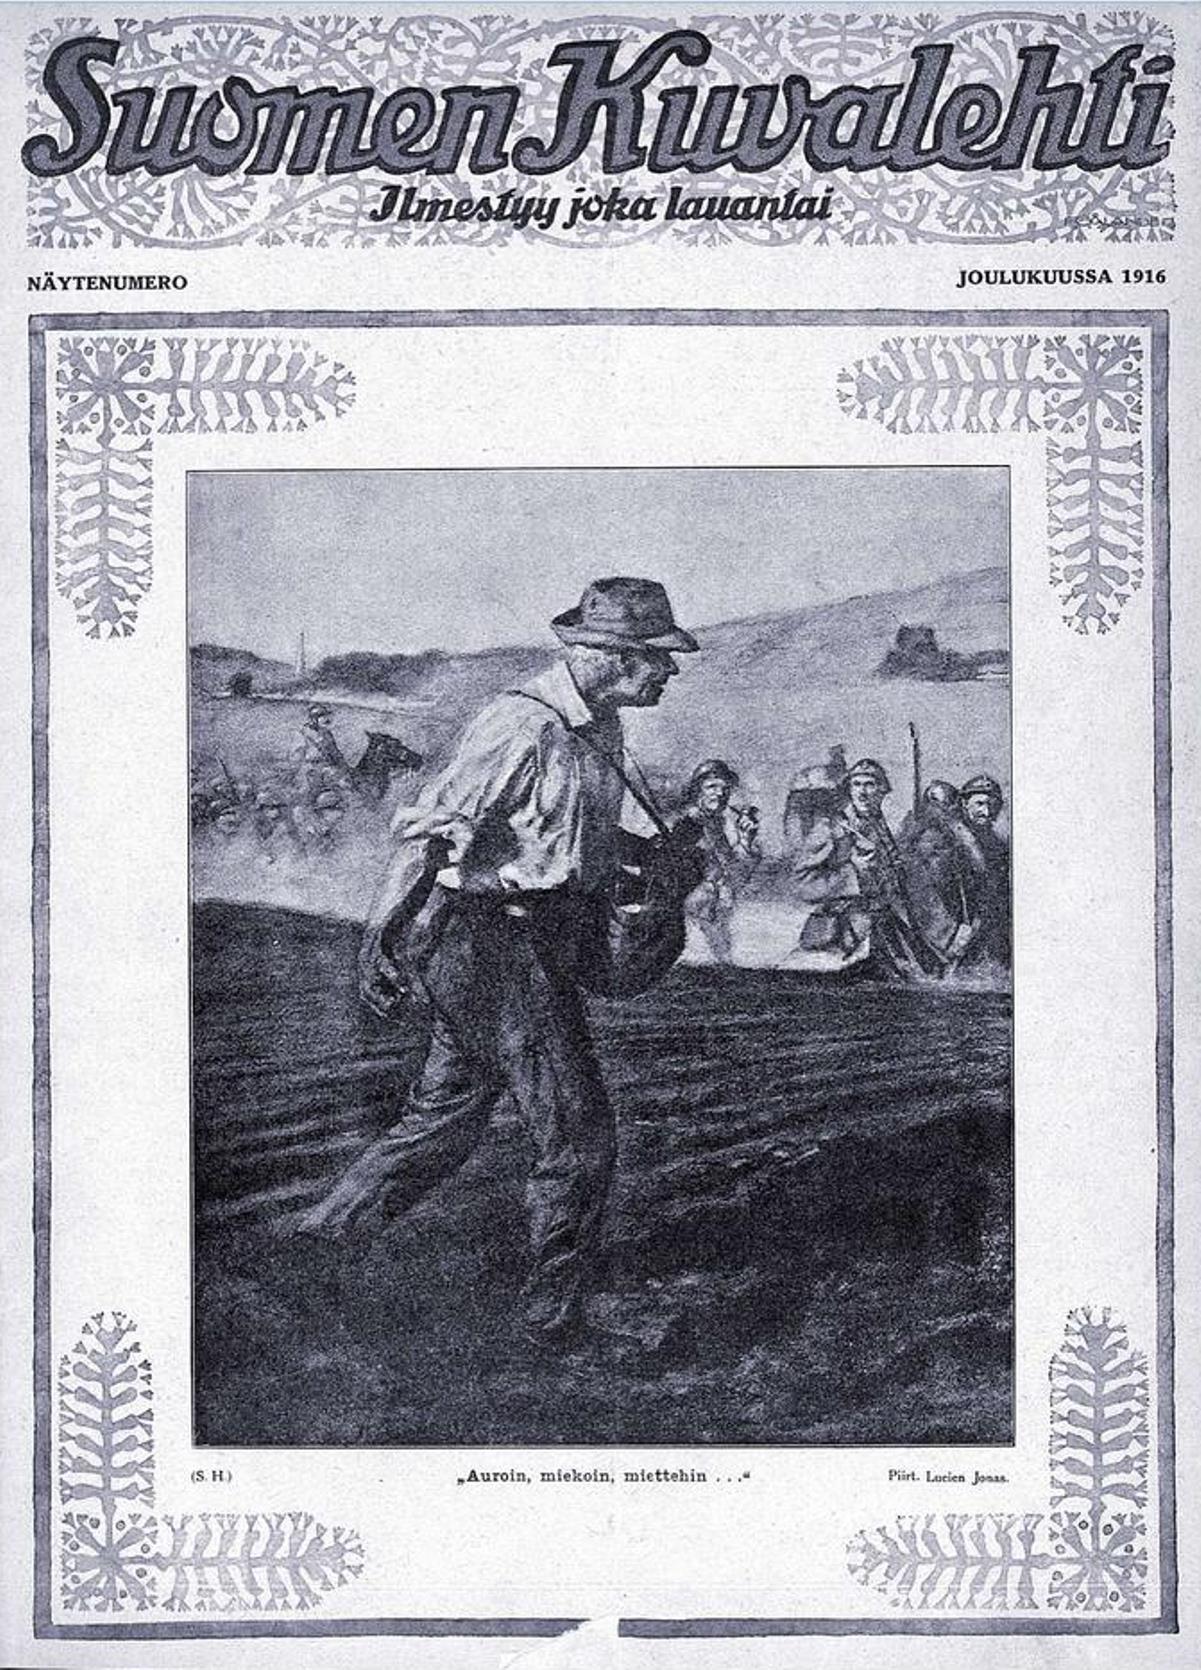 Suomen Kuvalehden näytenumero joulukuussa 1916.